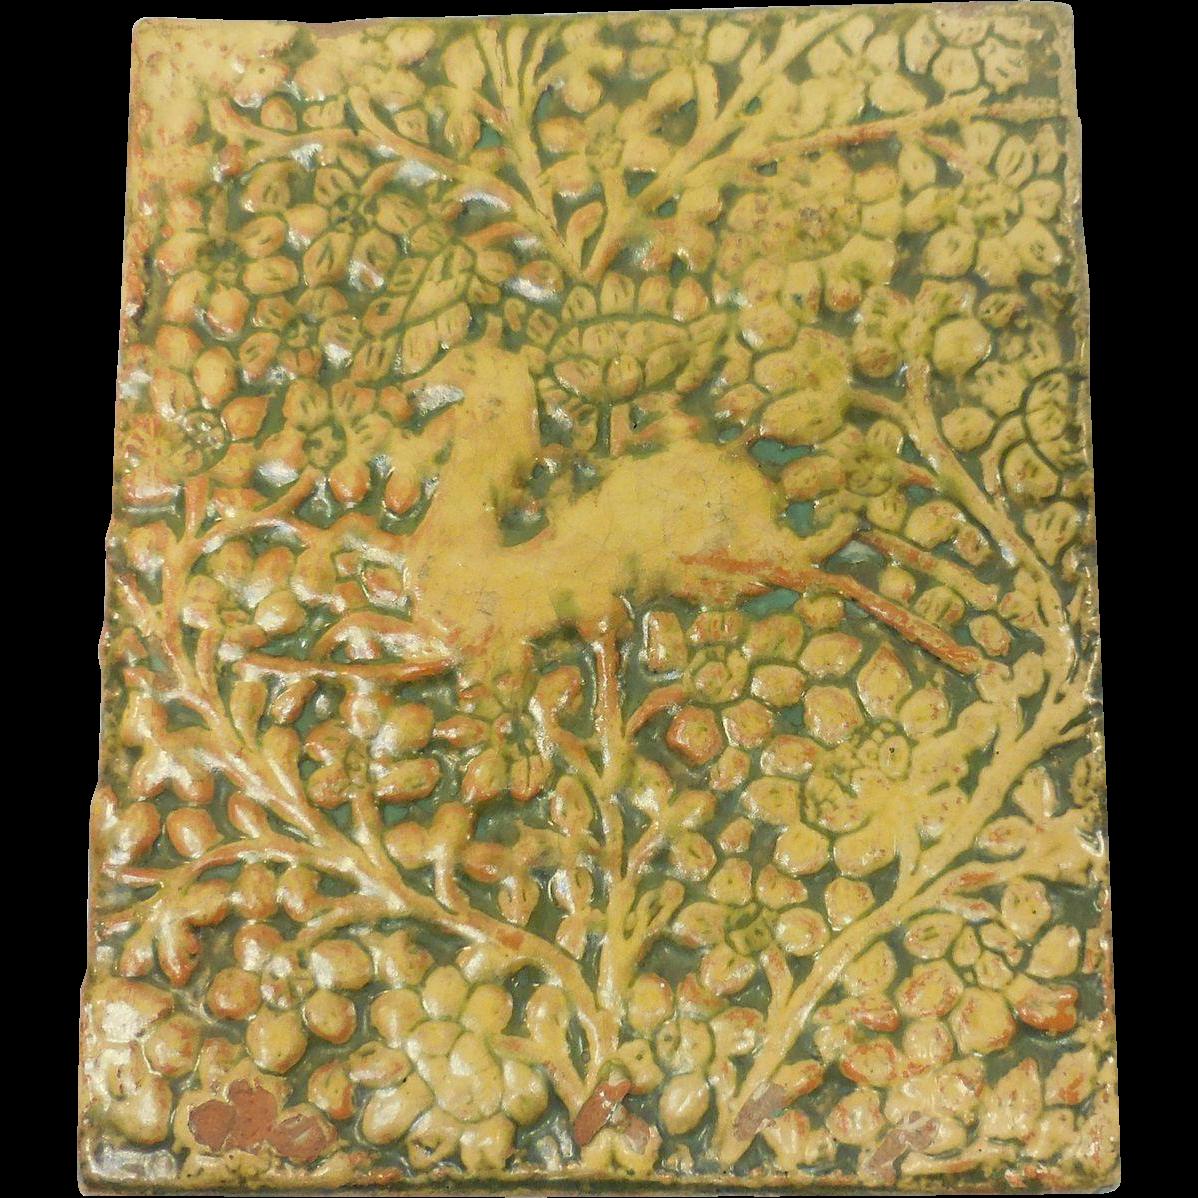 Rare Original Moravian Ceramic Covered Tile - Persian Antelope With Yellow Flowers Design